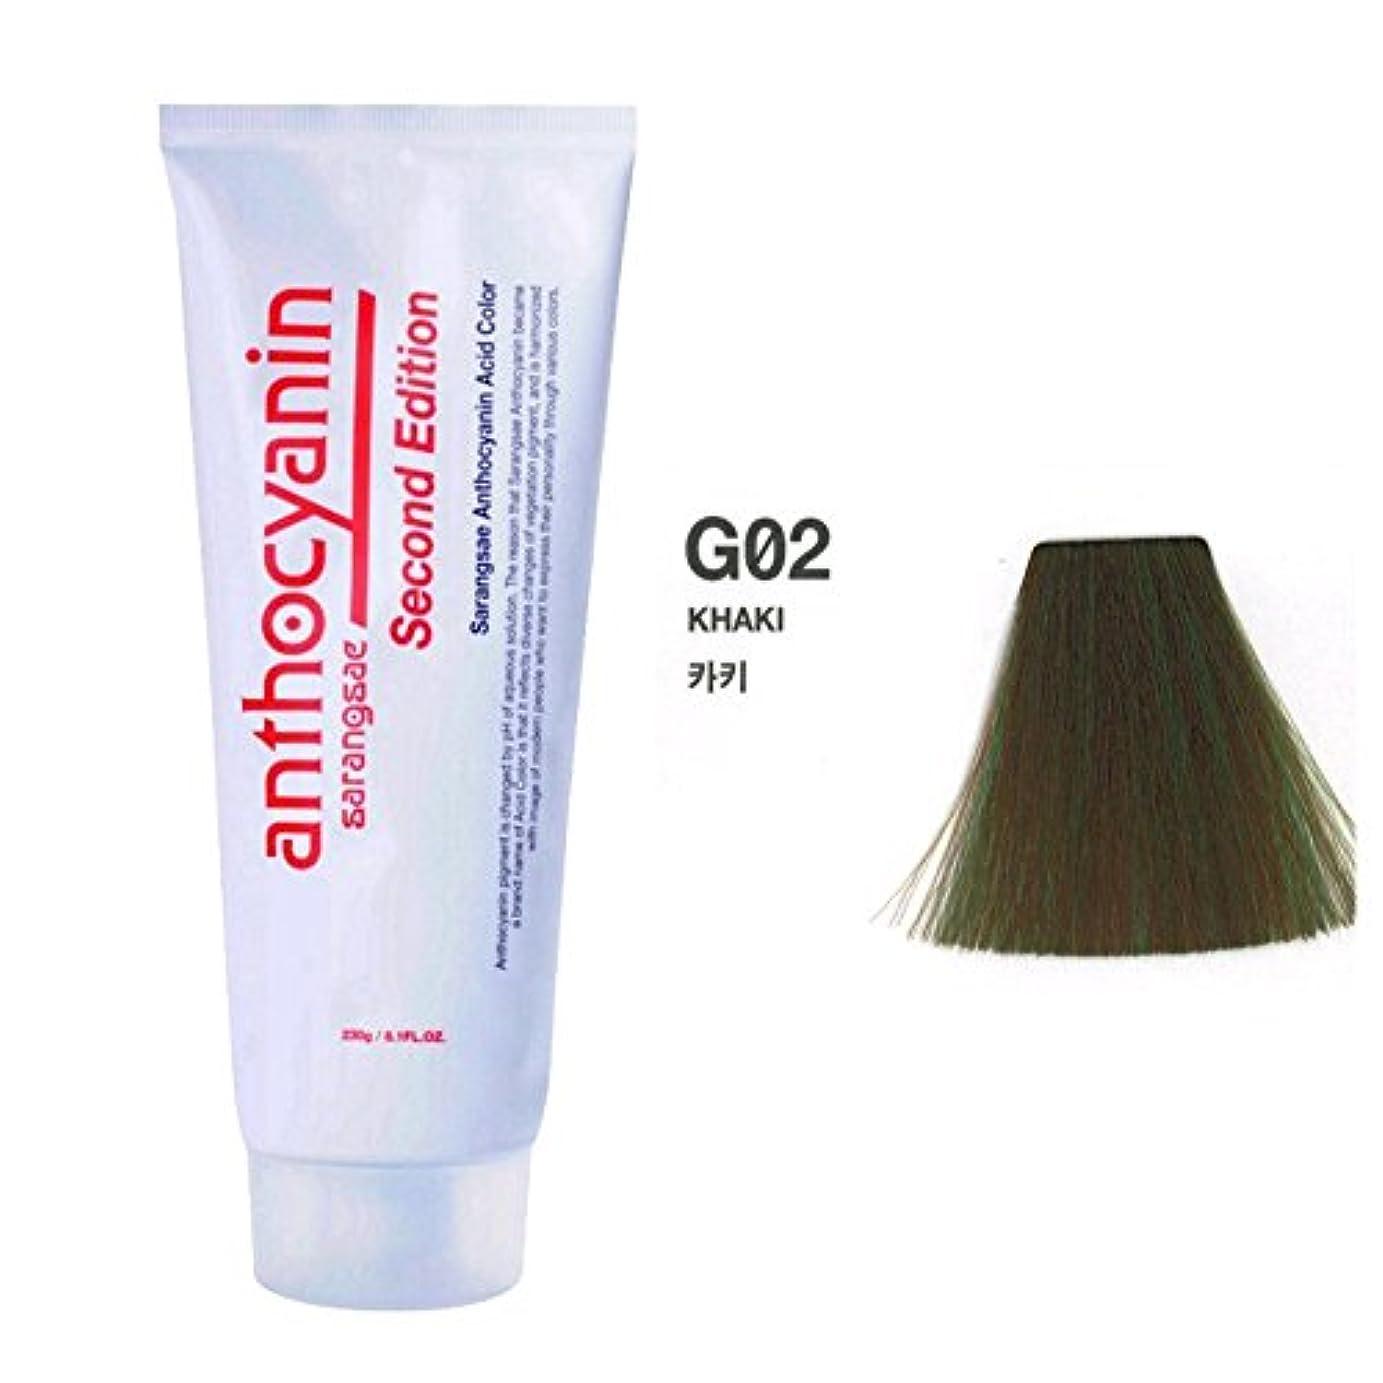 新年声を出して変更可能ヘア マニキュア カラー セカンド エディション 230g セミ パーマネント 染毛剤 (Hair Manicure Color Second Edition 230g Semi Permanent Hair Dye) [並行輸入品] (G02 Khaki)